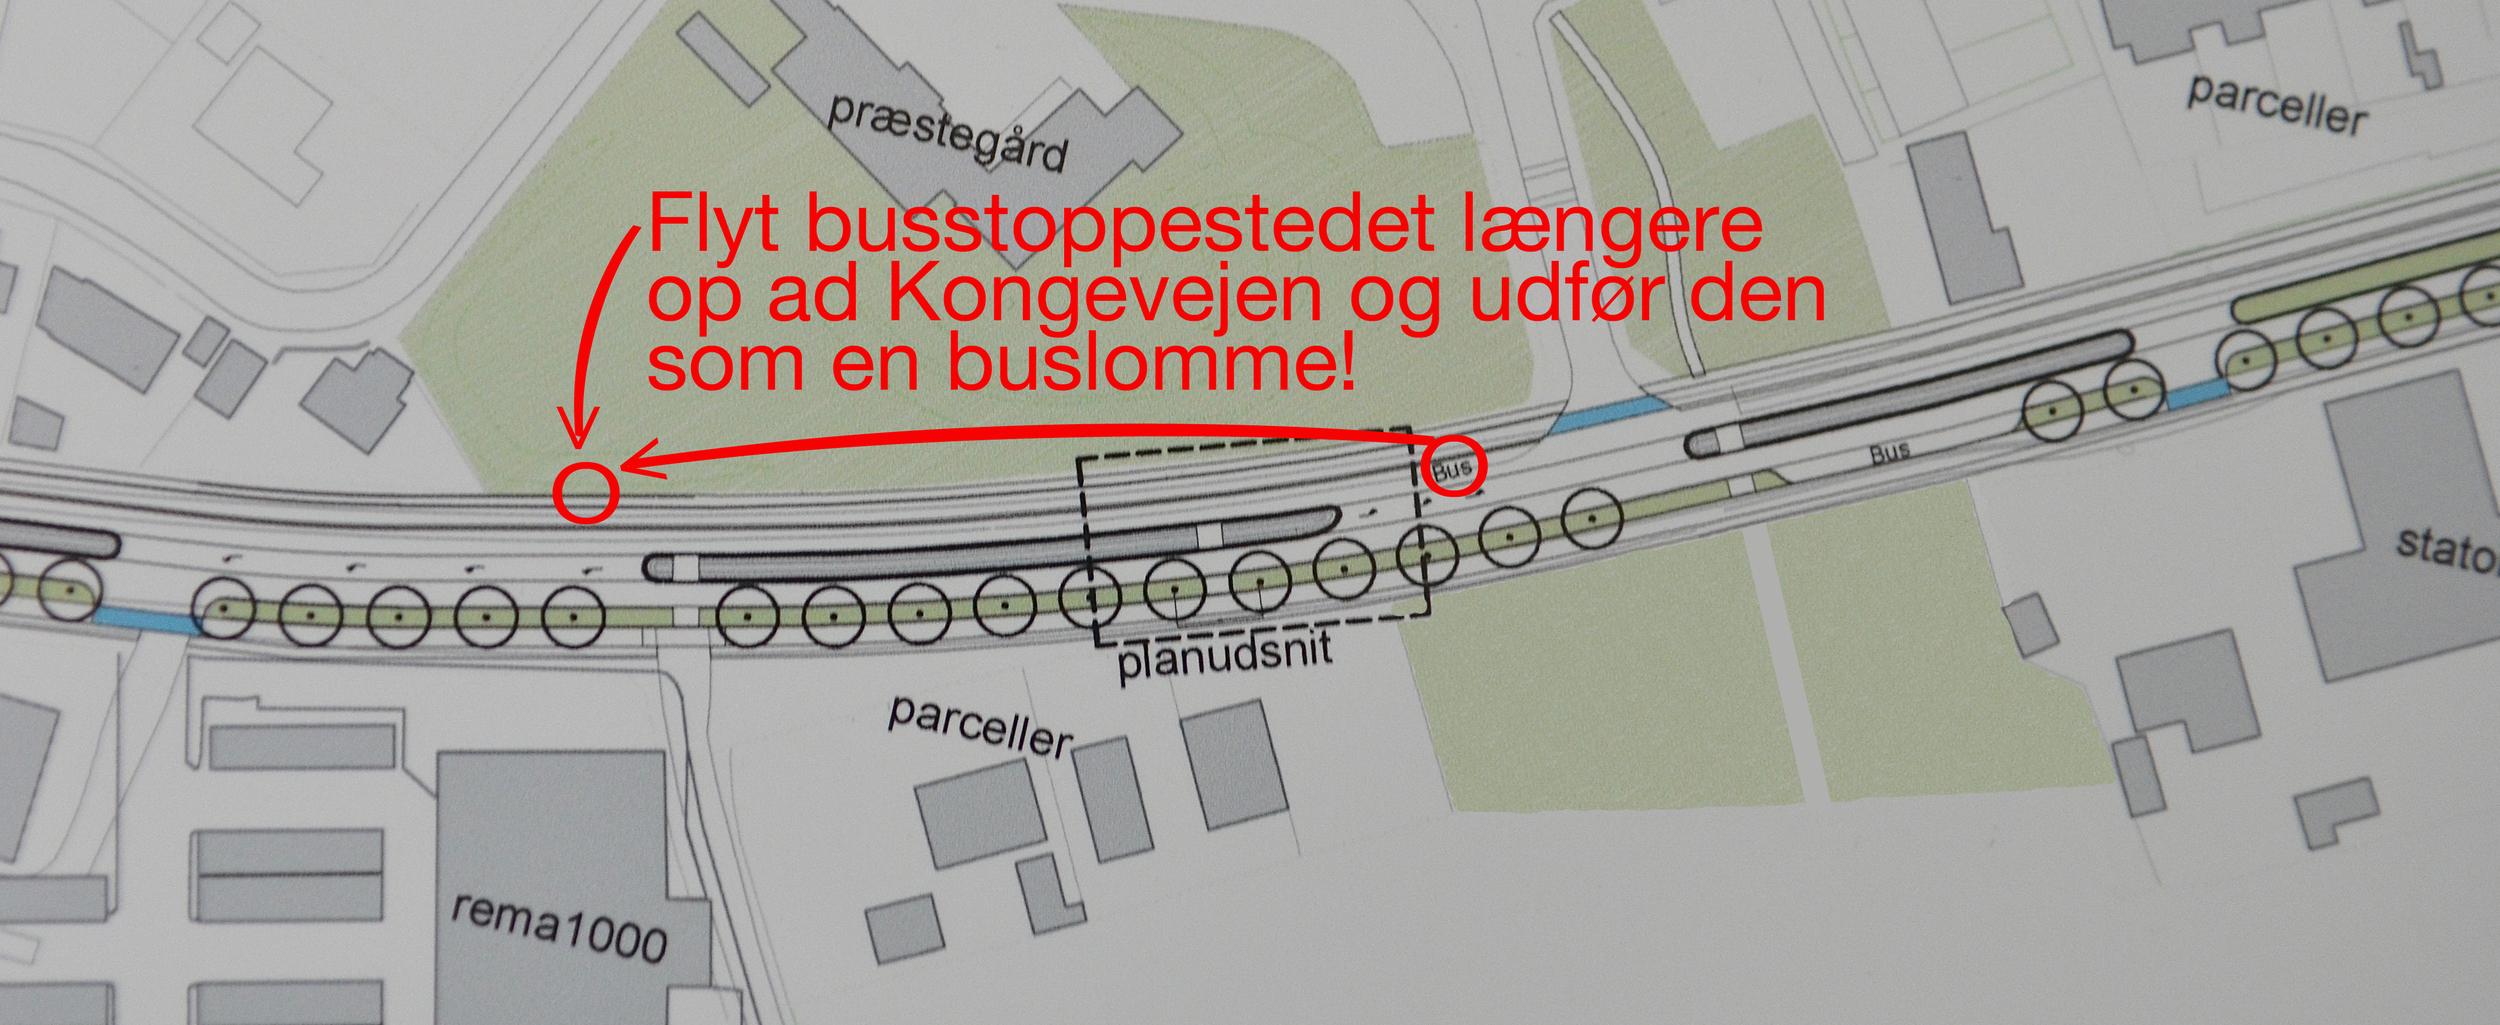 Som det fremgår af ovenstående udsnit af dispositionsforslaget, har Niras foreslået, at det ene busstoppested på Kongevejen placeres tæt op ad Blovstrød Byvej, hvilket flere Blovstrød-borgere mener er en uansvarlig løsning.Tekst: AOB